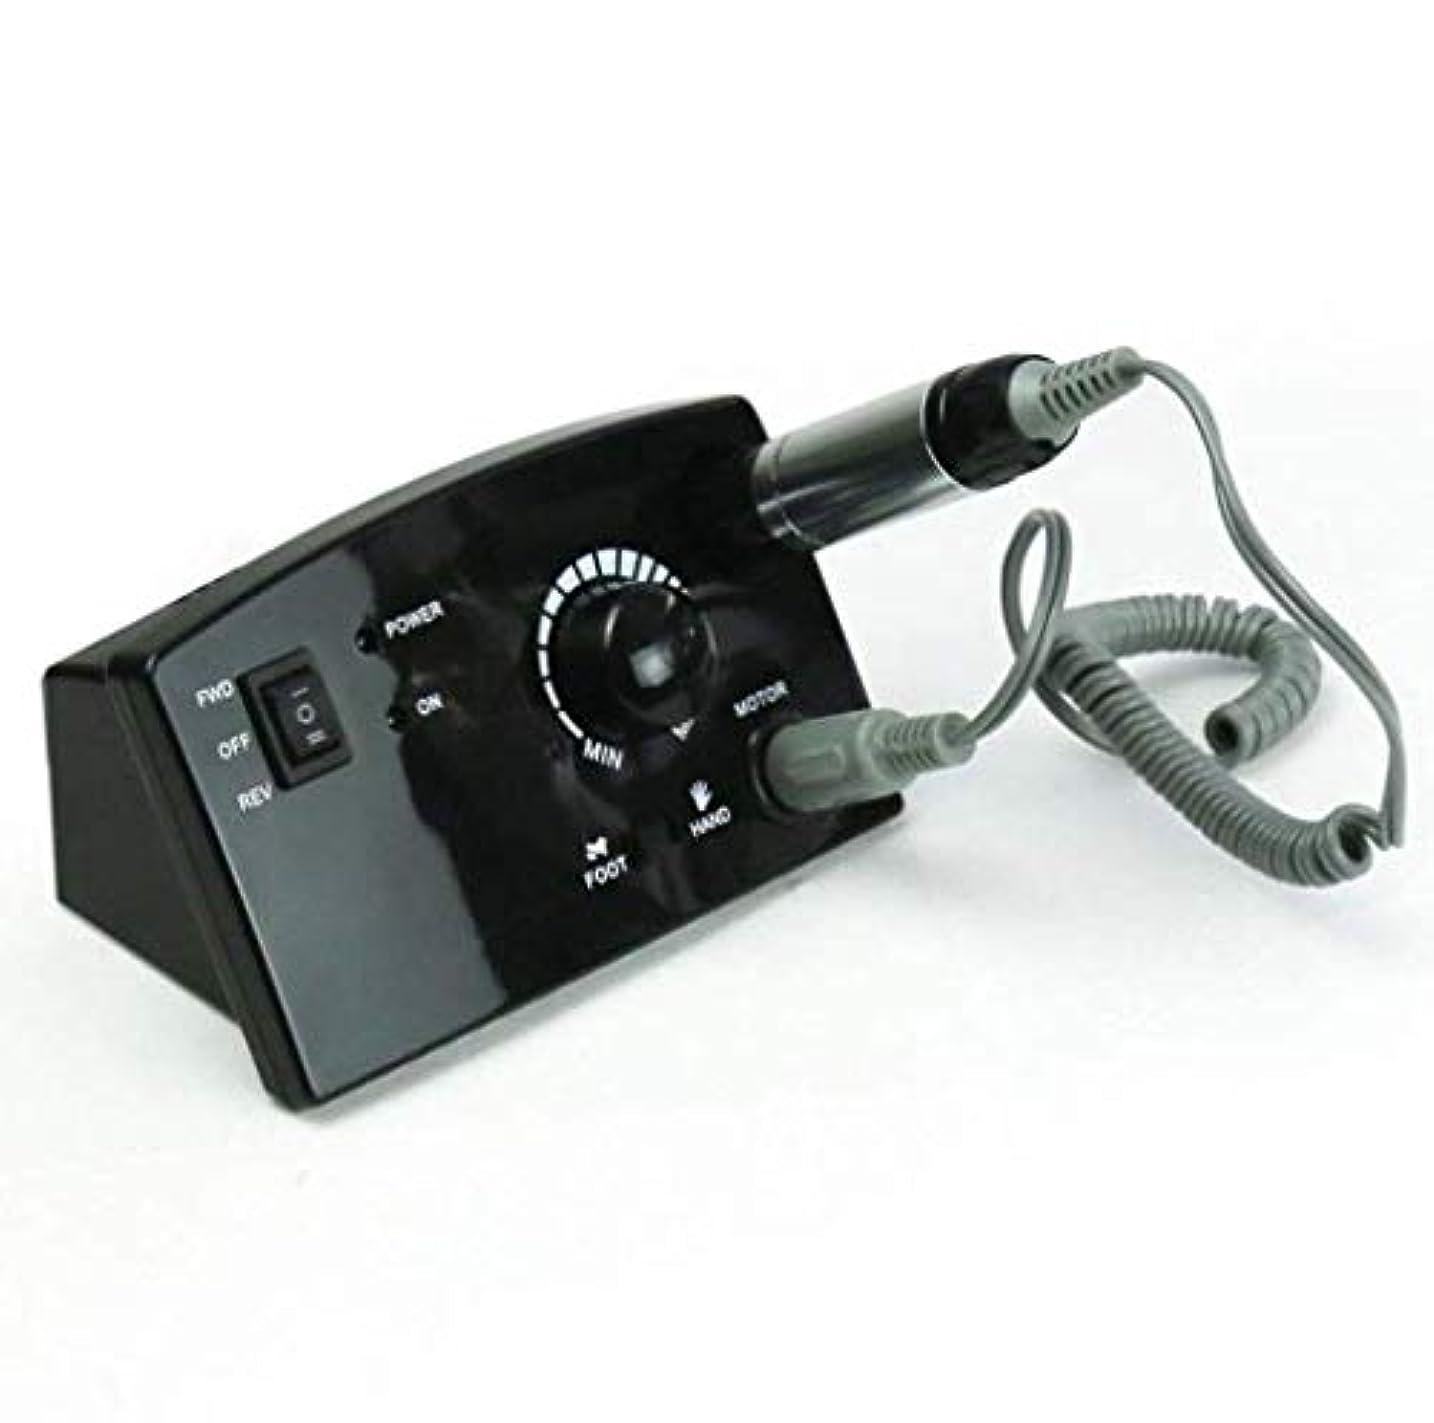 シンボル圧縮ハンディネイルマシン 卓上式 電動 プロ セルフ 正逆回転 ジェルネイルオフ ネイルケア道具 ネイルドリル ネイルマシーン 爪手入れツール 3万回転/分,Black